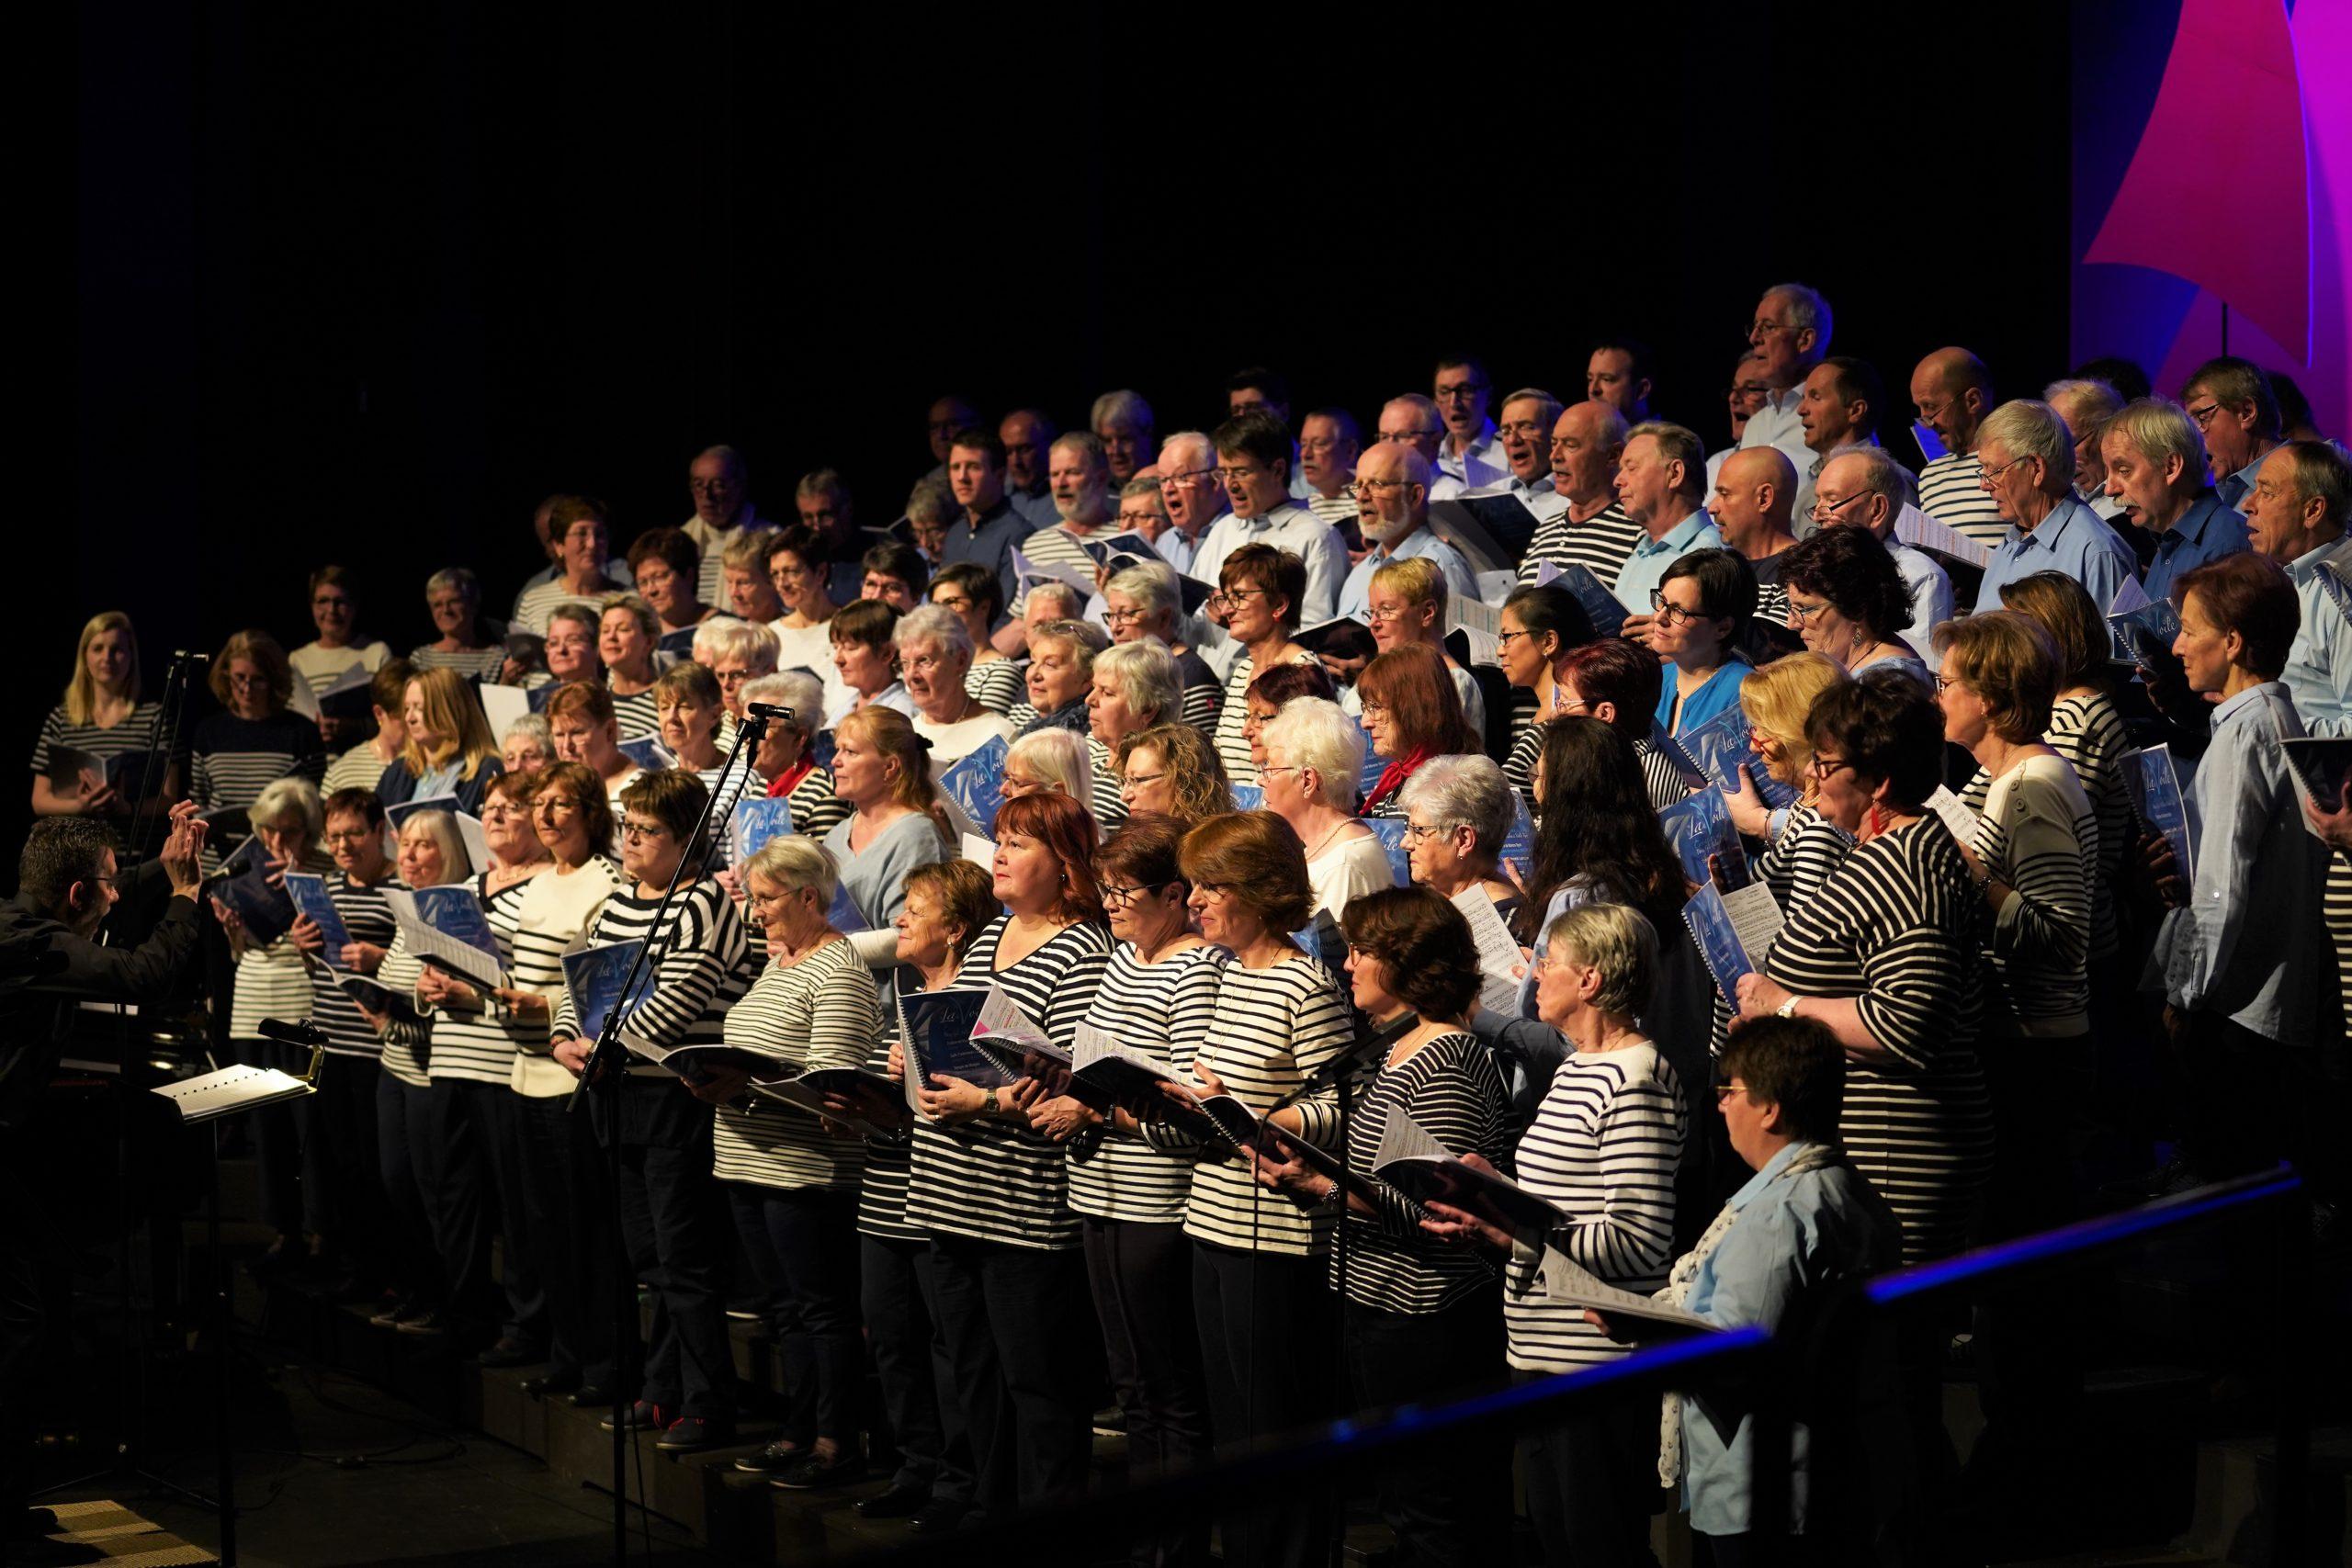 Soirée du chœur mixte La Récréation